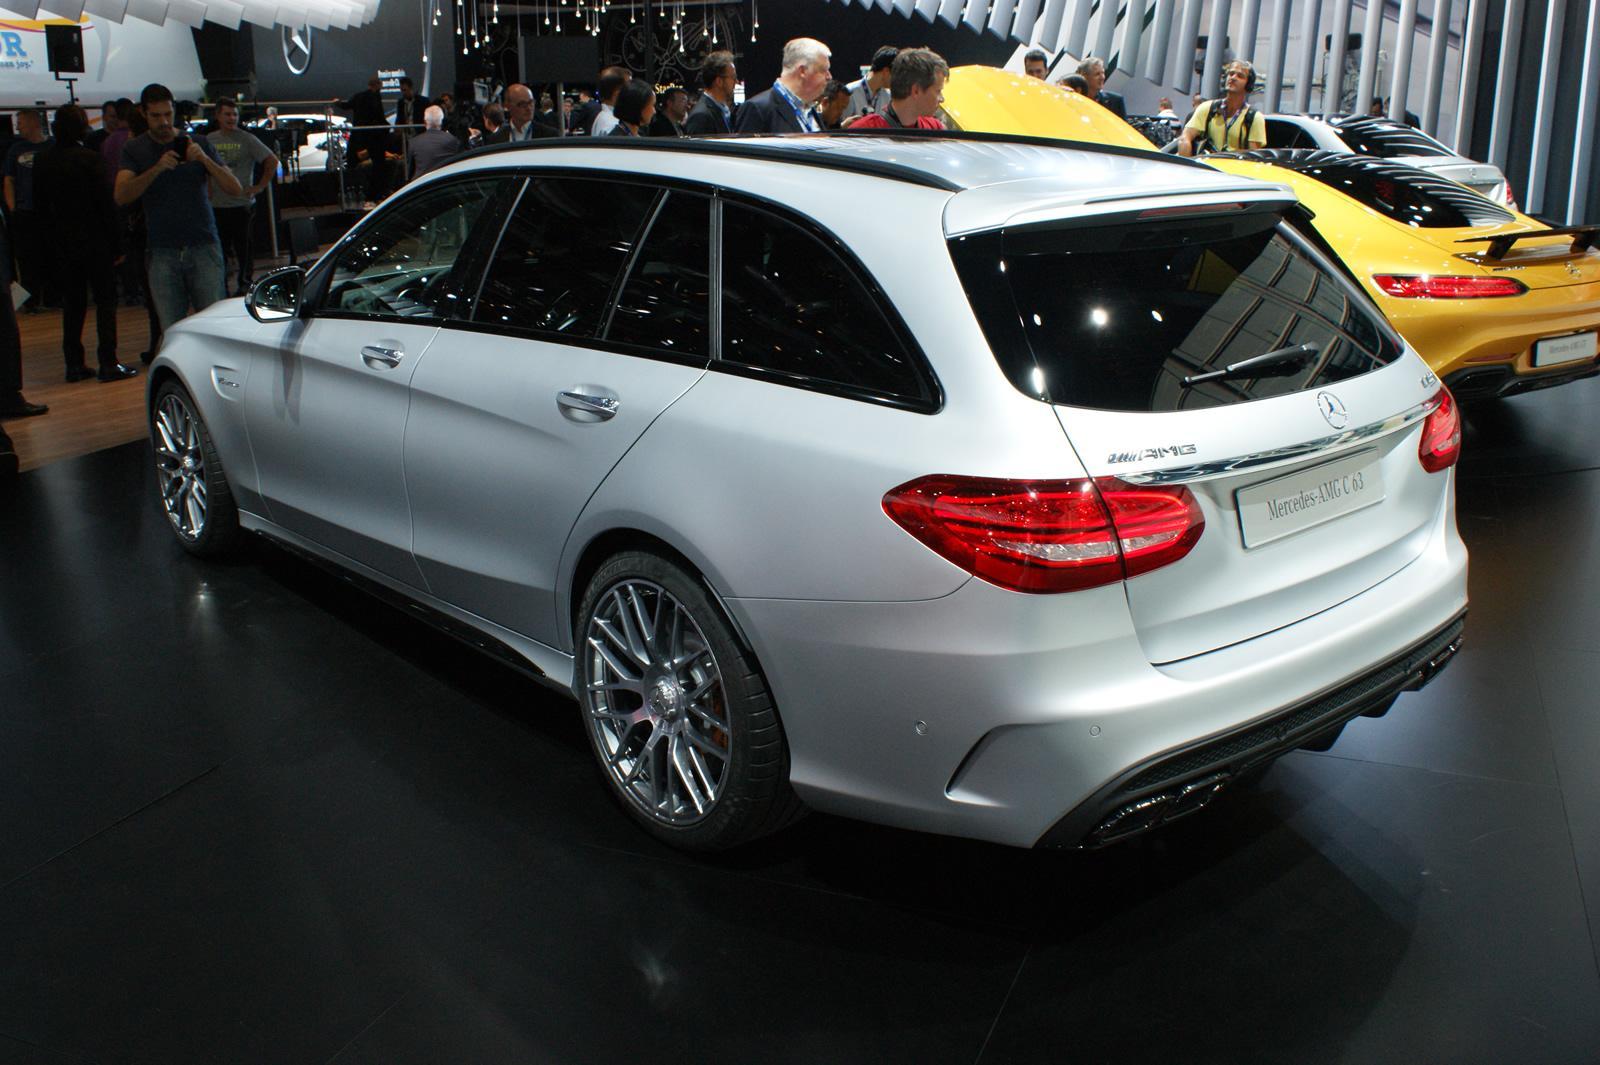 Mercedes benz c63 amg salone di parigi 2014 9 9 for Mercedes benz c63 2014